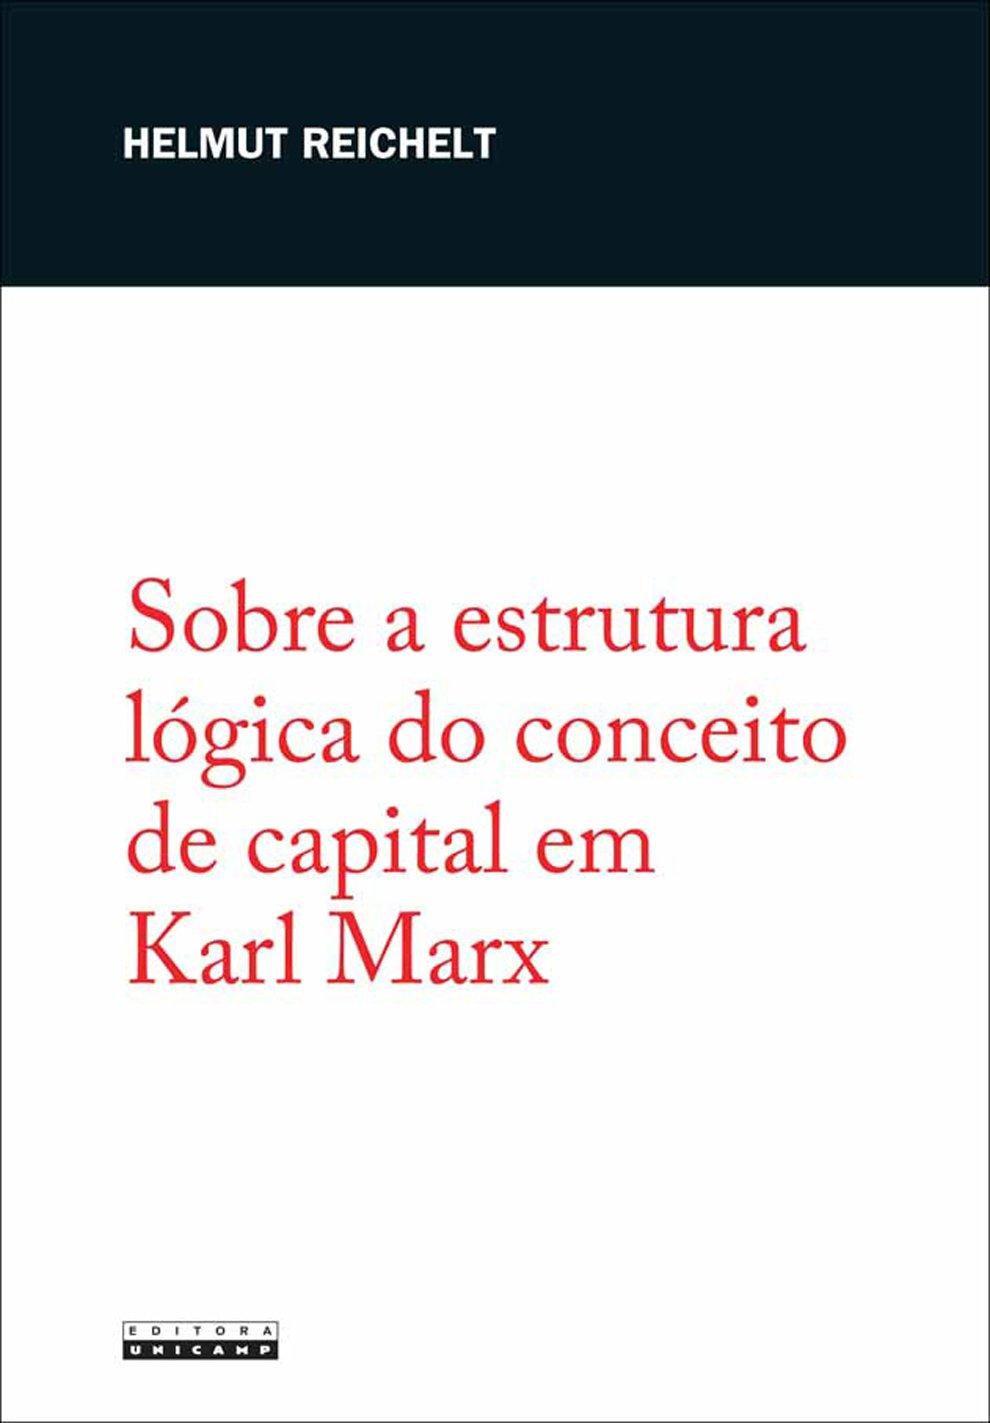 Sobre a estrutura lógica do conceito de capital em Karl Marx, livro de Helmut Reichelt